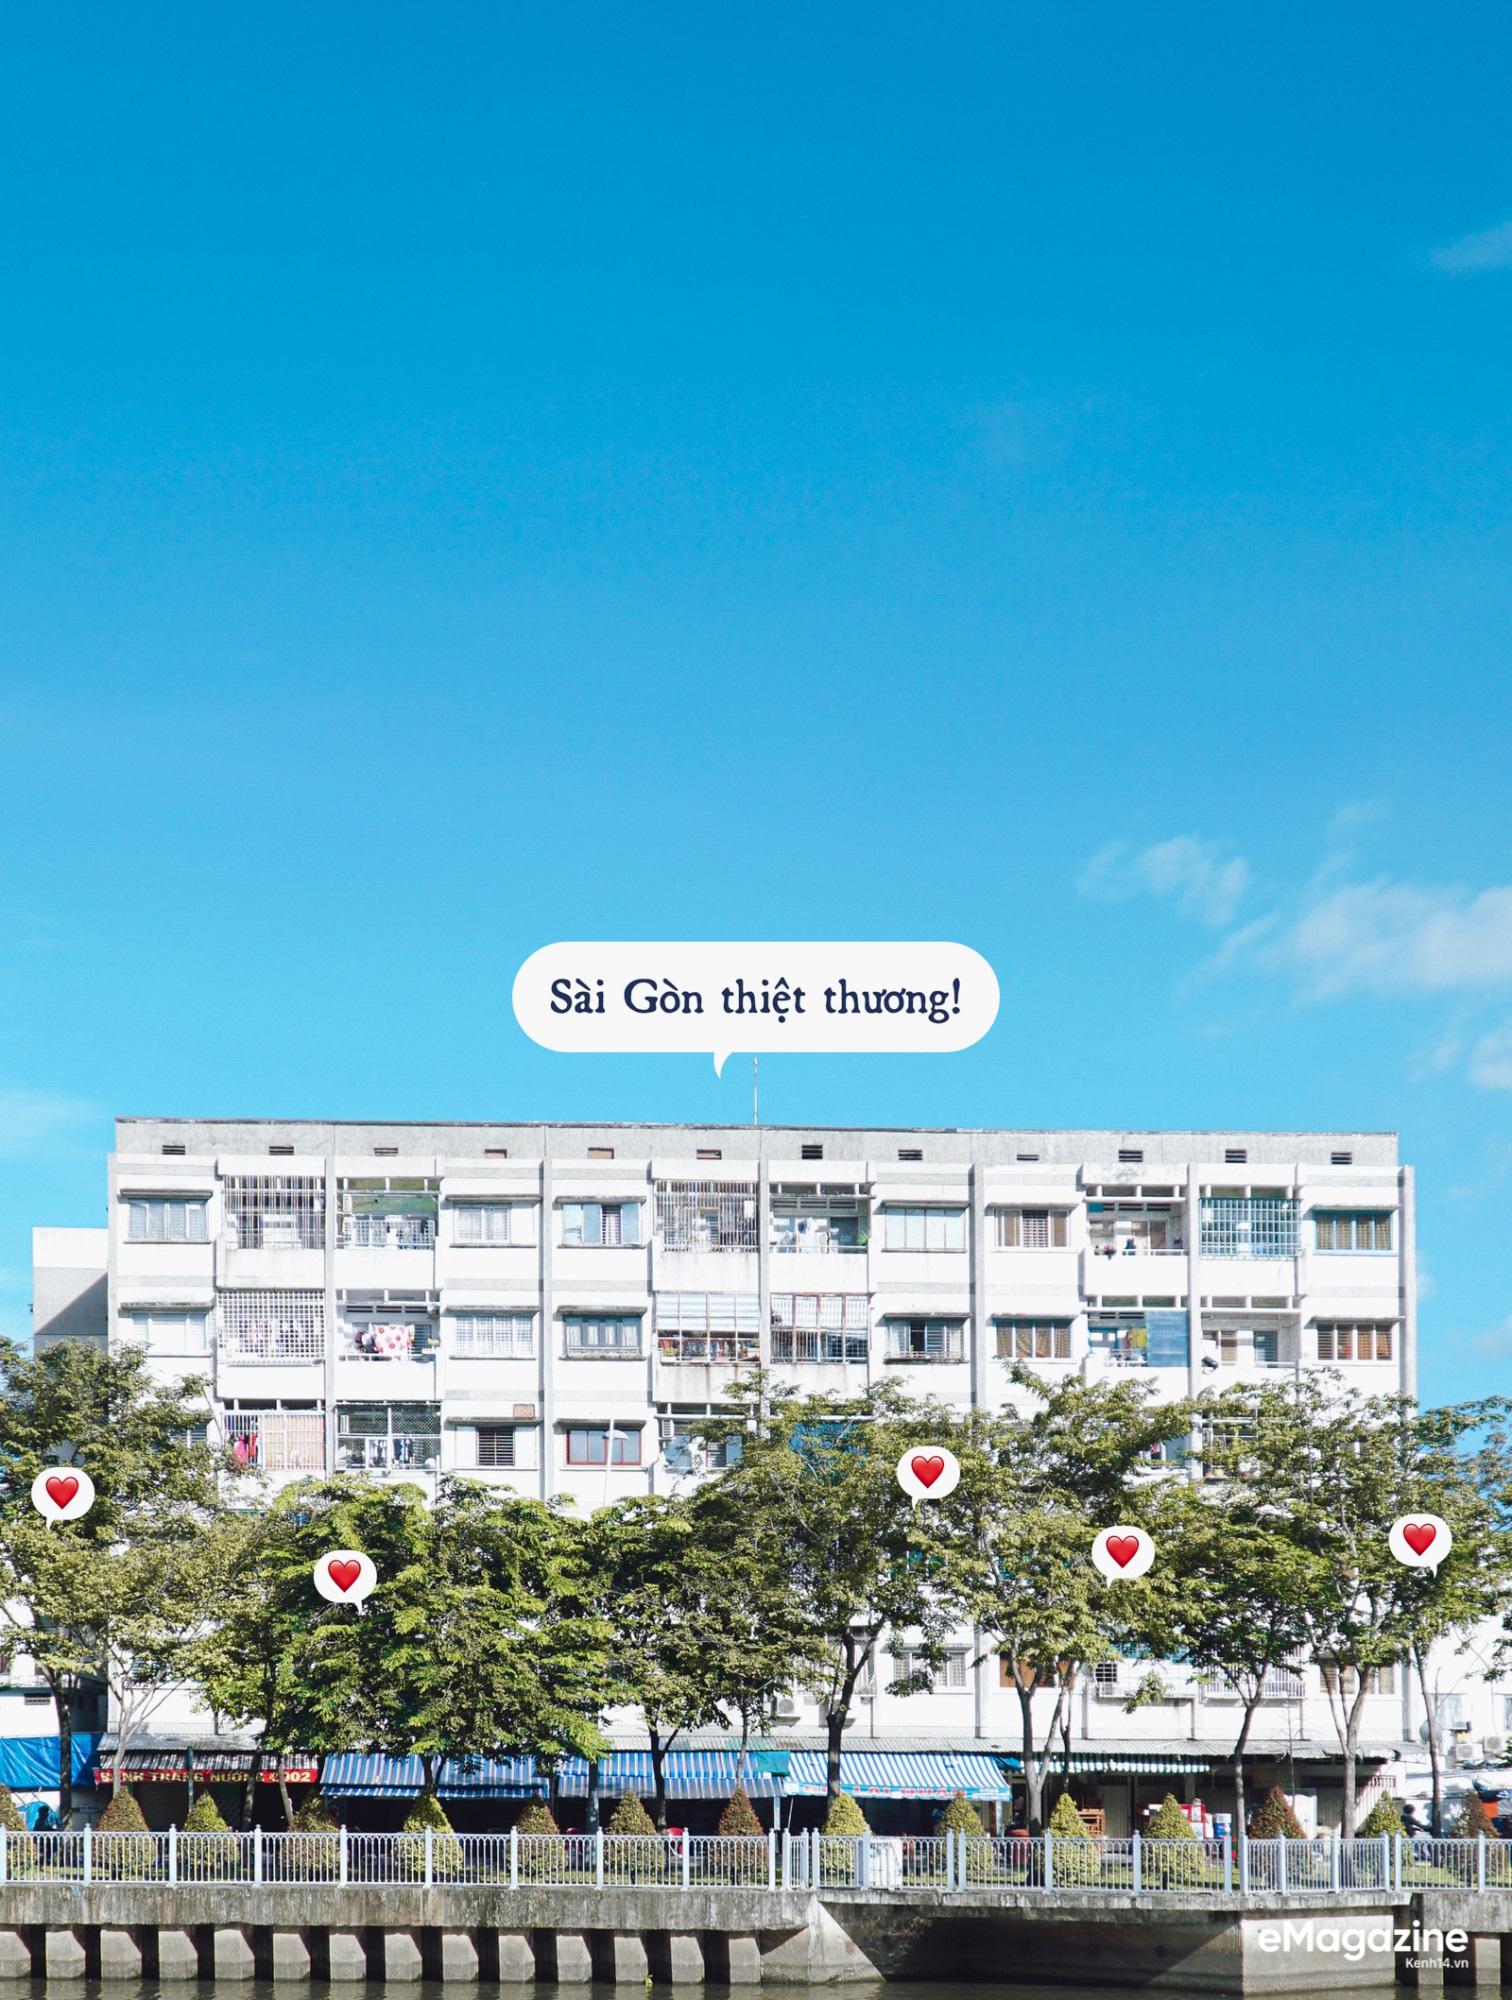 Sài Gòn thiệt thương: Nơi ta để lại tuổi trẻ nhiều nhất, đó sẽ là nơi bình yên nhất - Ảnh 19